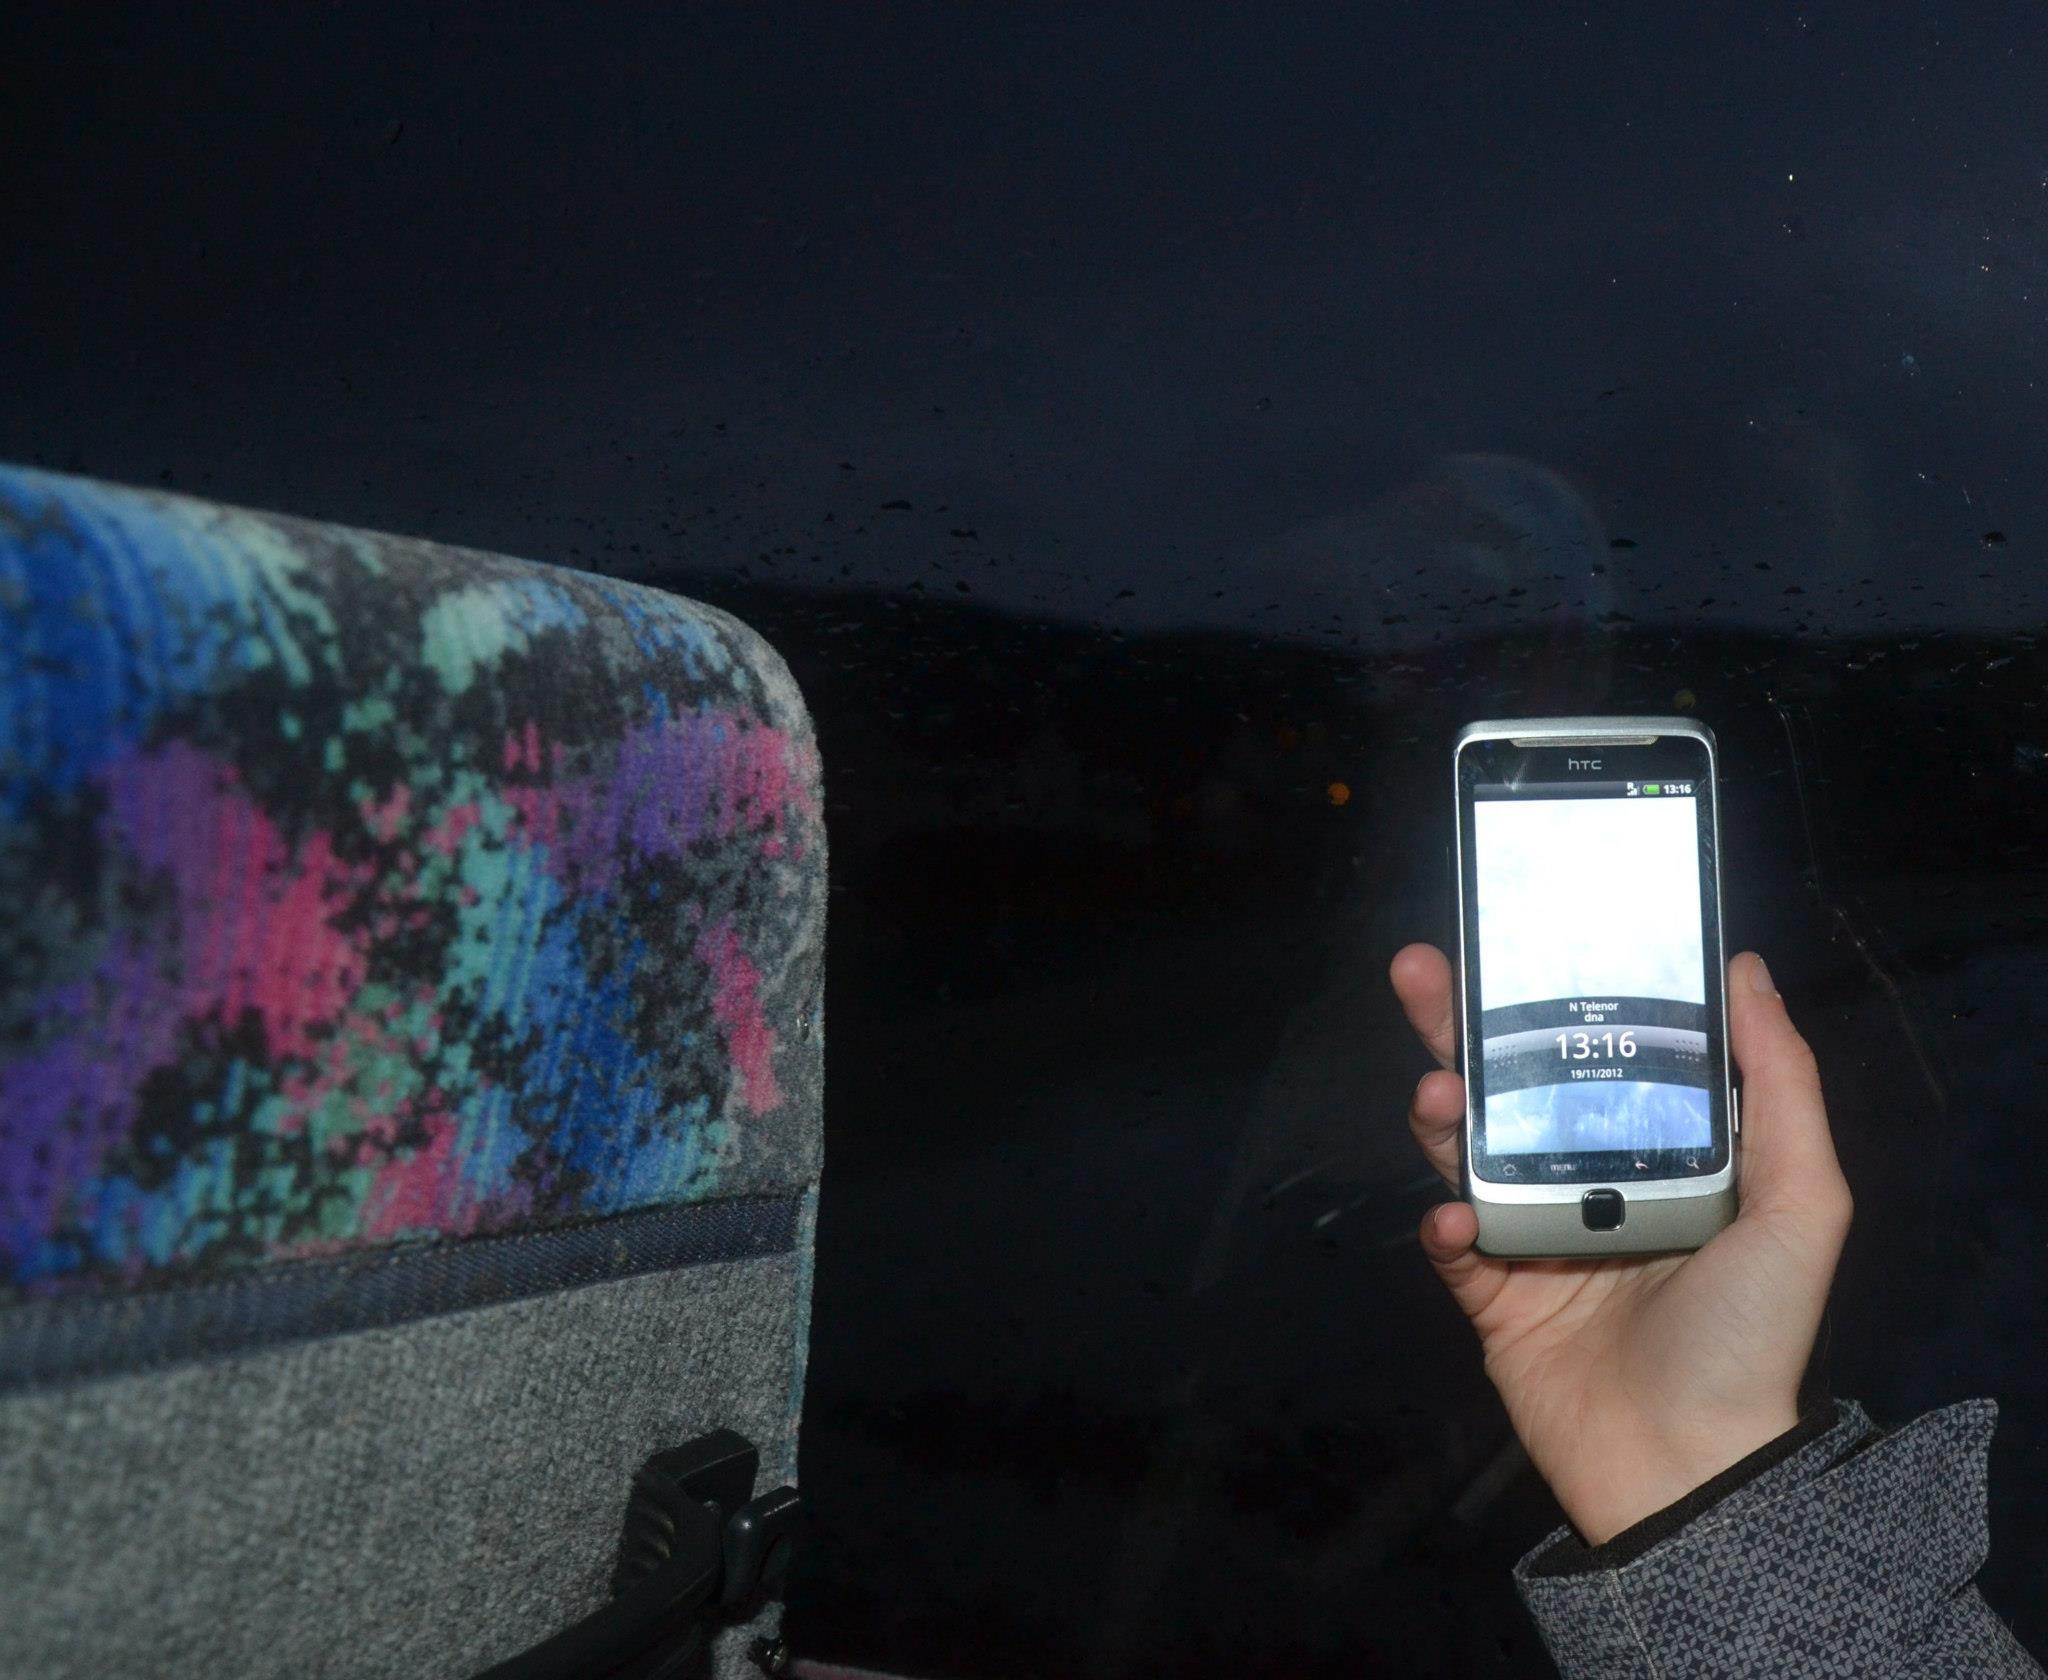 Fotografie pořízená na severu Norska. 13:16 - téměř tma.